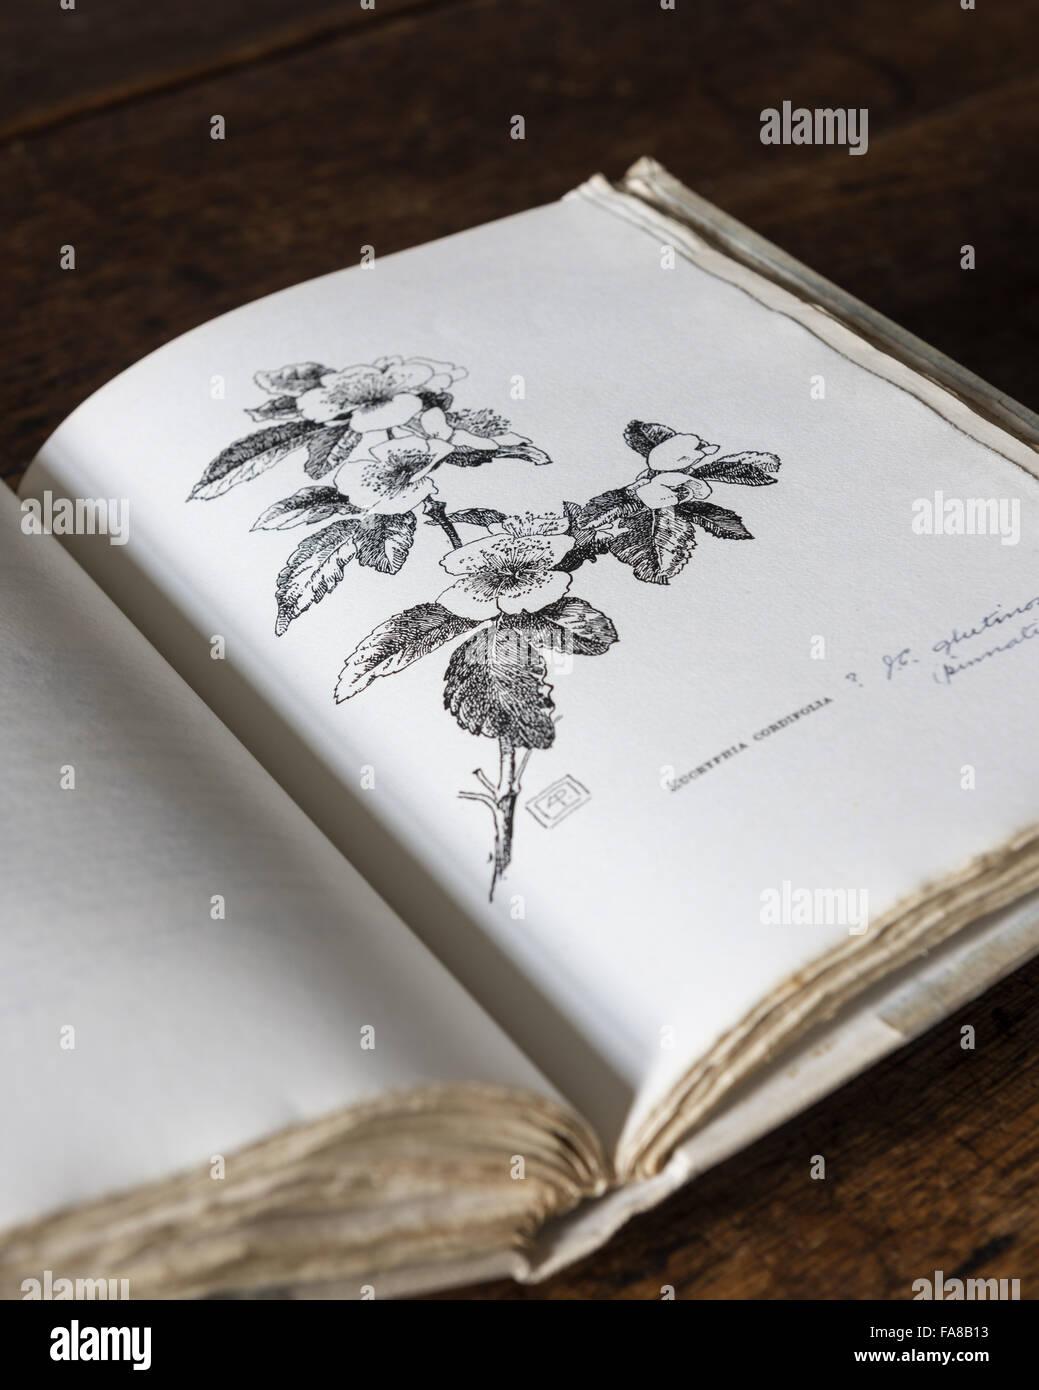 """Bebilderte Seite aus """"A Garden Flora: Bäume und Blumen in den Gärten bei Nymans von L. Messel, 1918, Stockbild"""